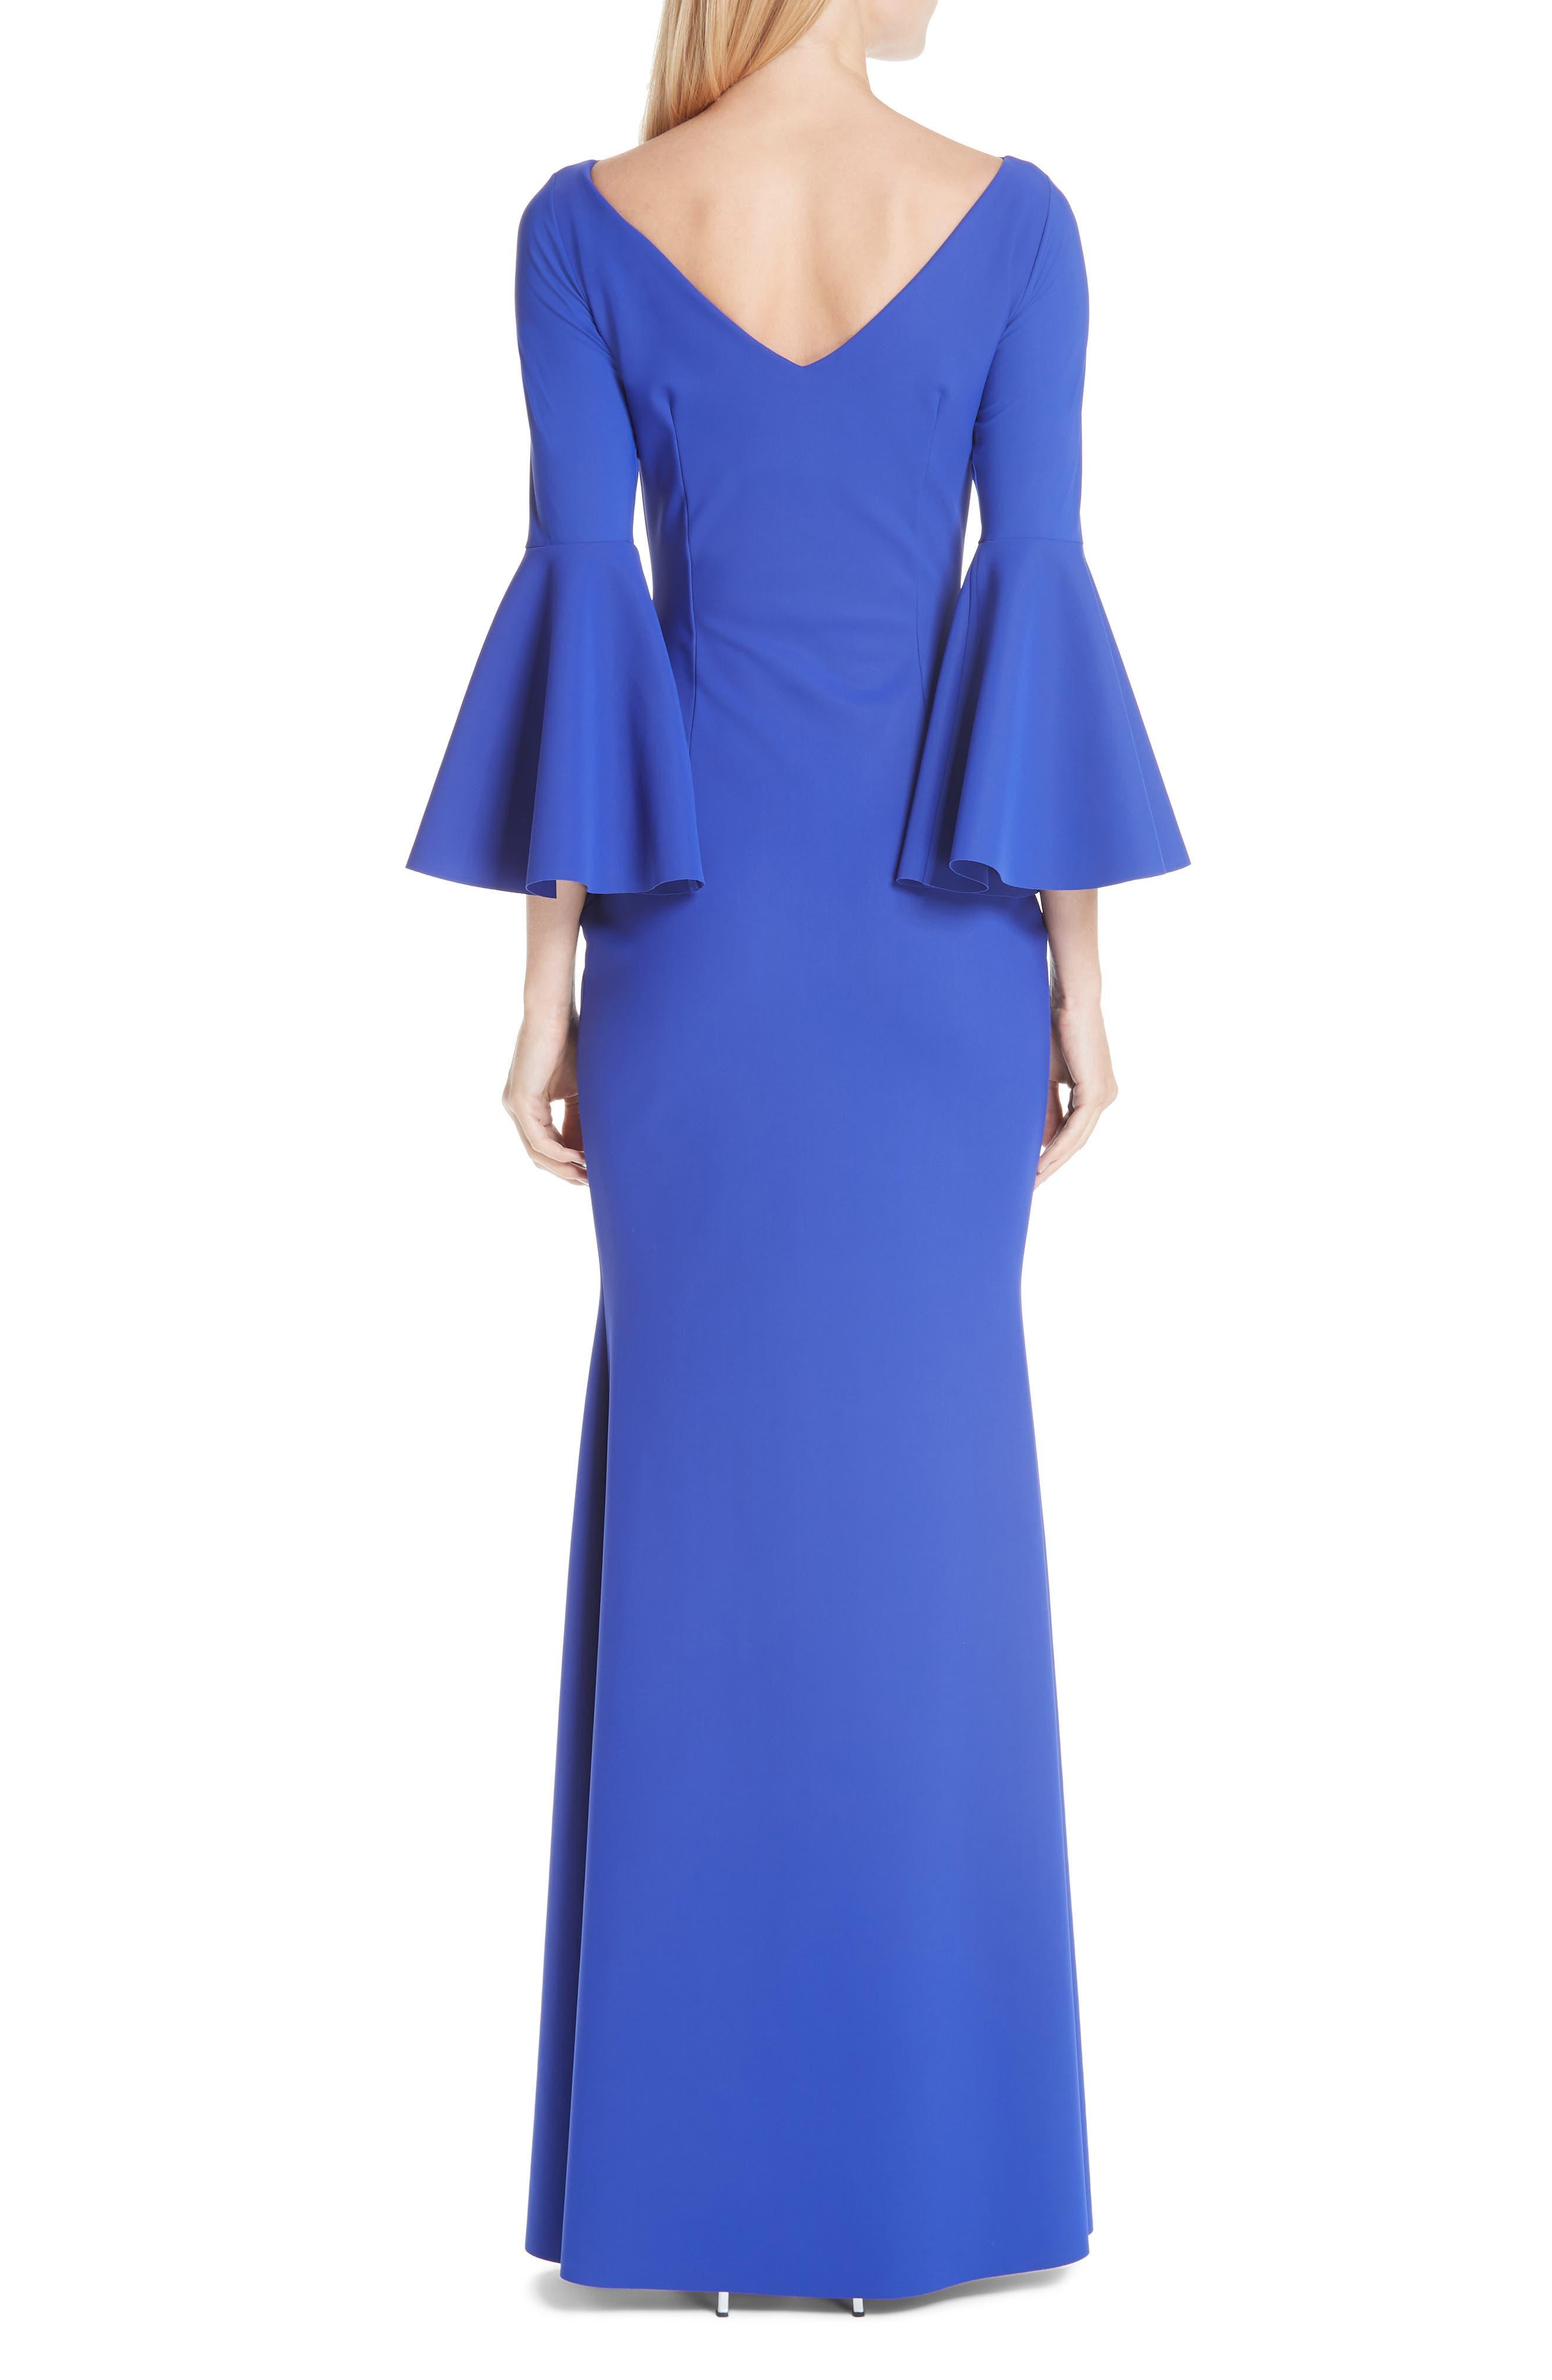 CHIARA BONI LA PETITE ROBE, Iva Bell Sleeve Evening Dress, Alternate thumbnail 2, color, INCHIOSTRO